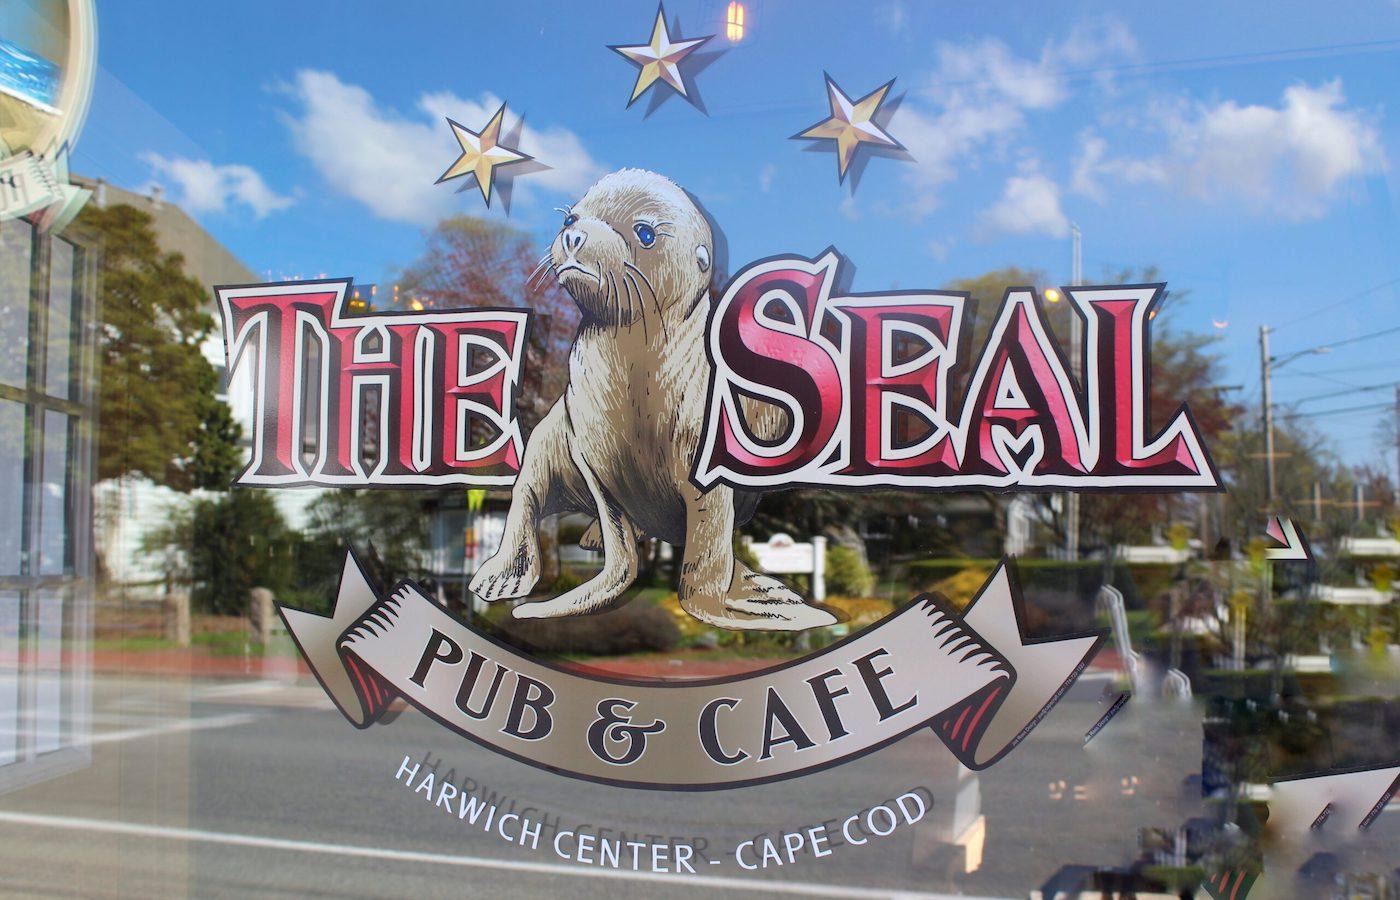 Seal Pub Cafe Harwich Logo Window